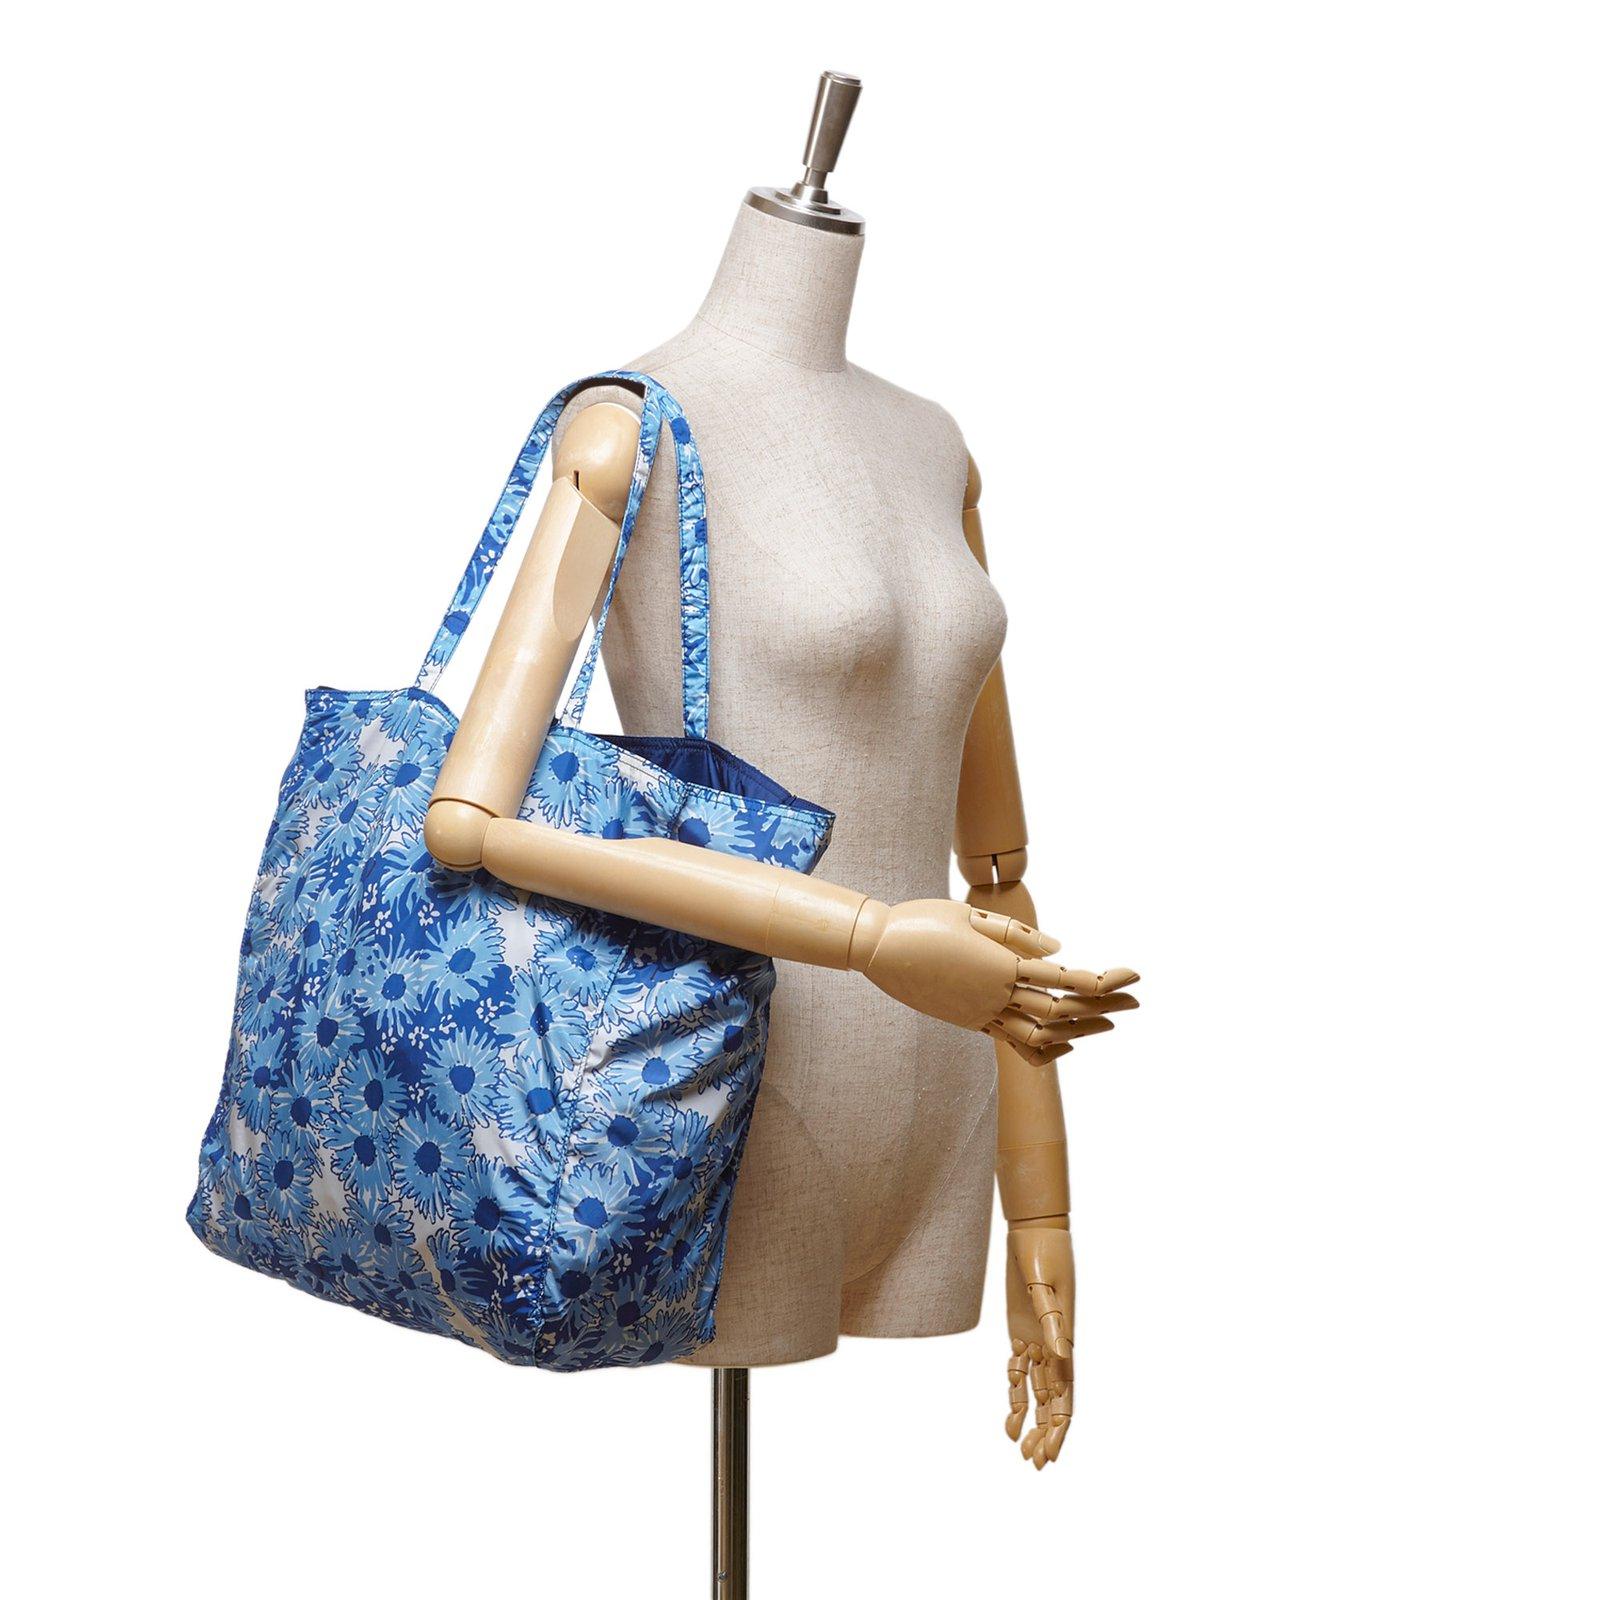 24d787782287 Prada Floral Nylon Tote Bag Totes Nylon,Cloth White,Blue,Light blue  ref.82466 - Joli Closet